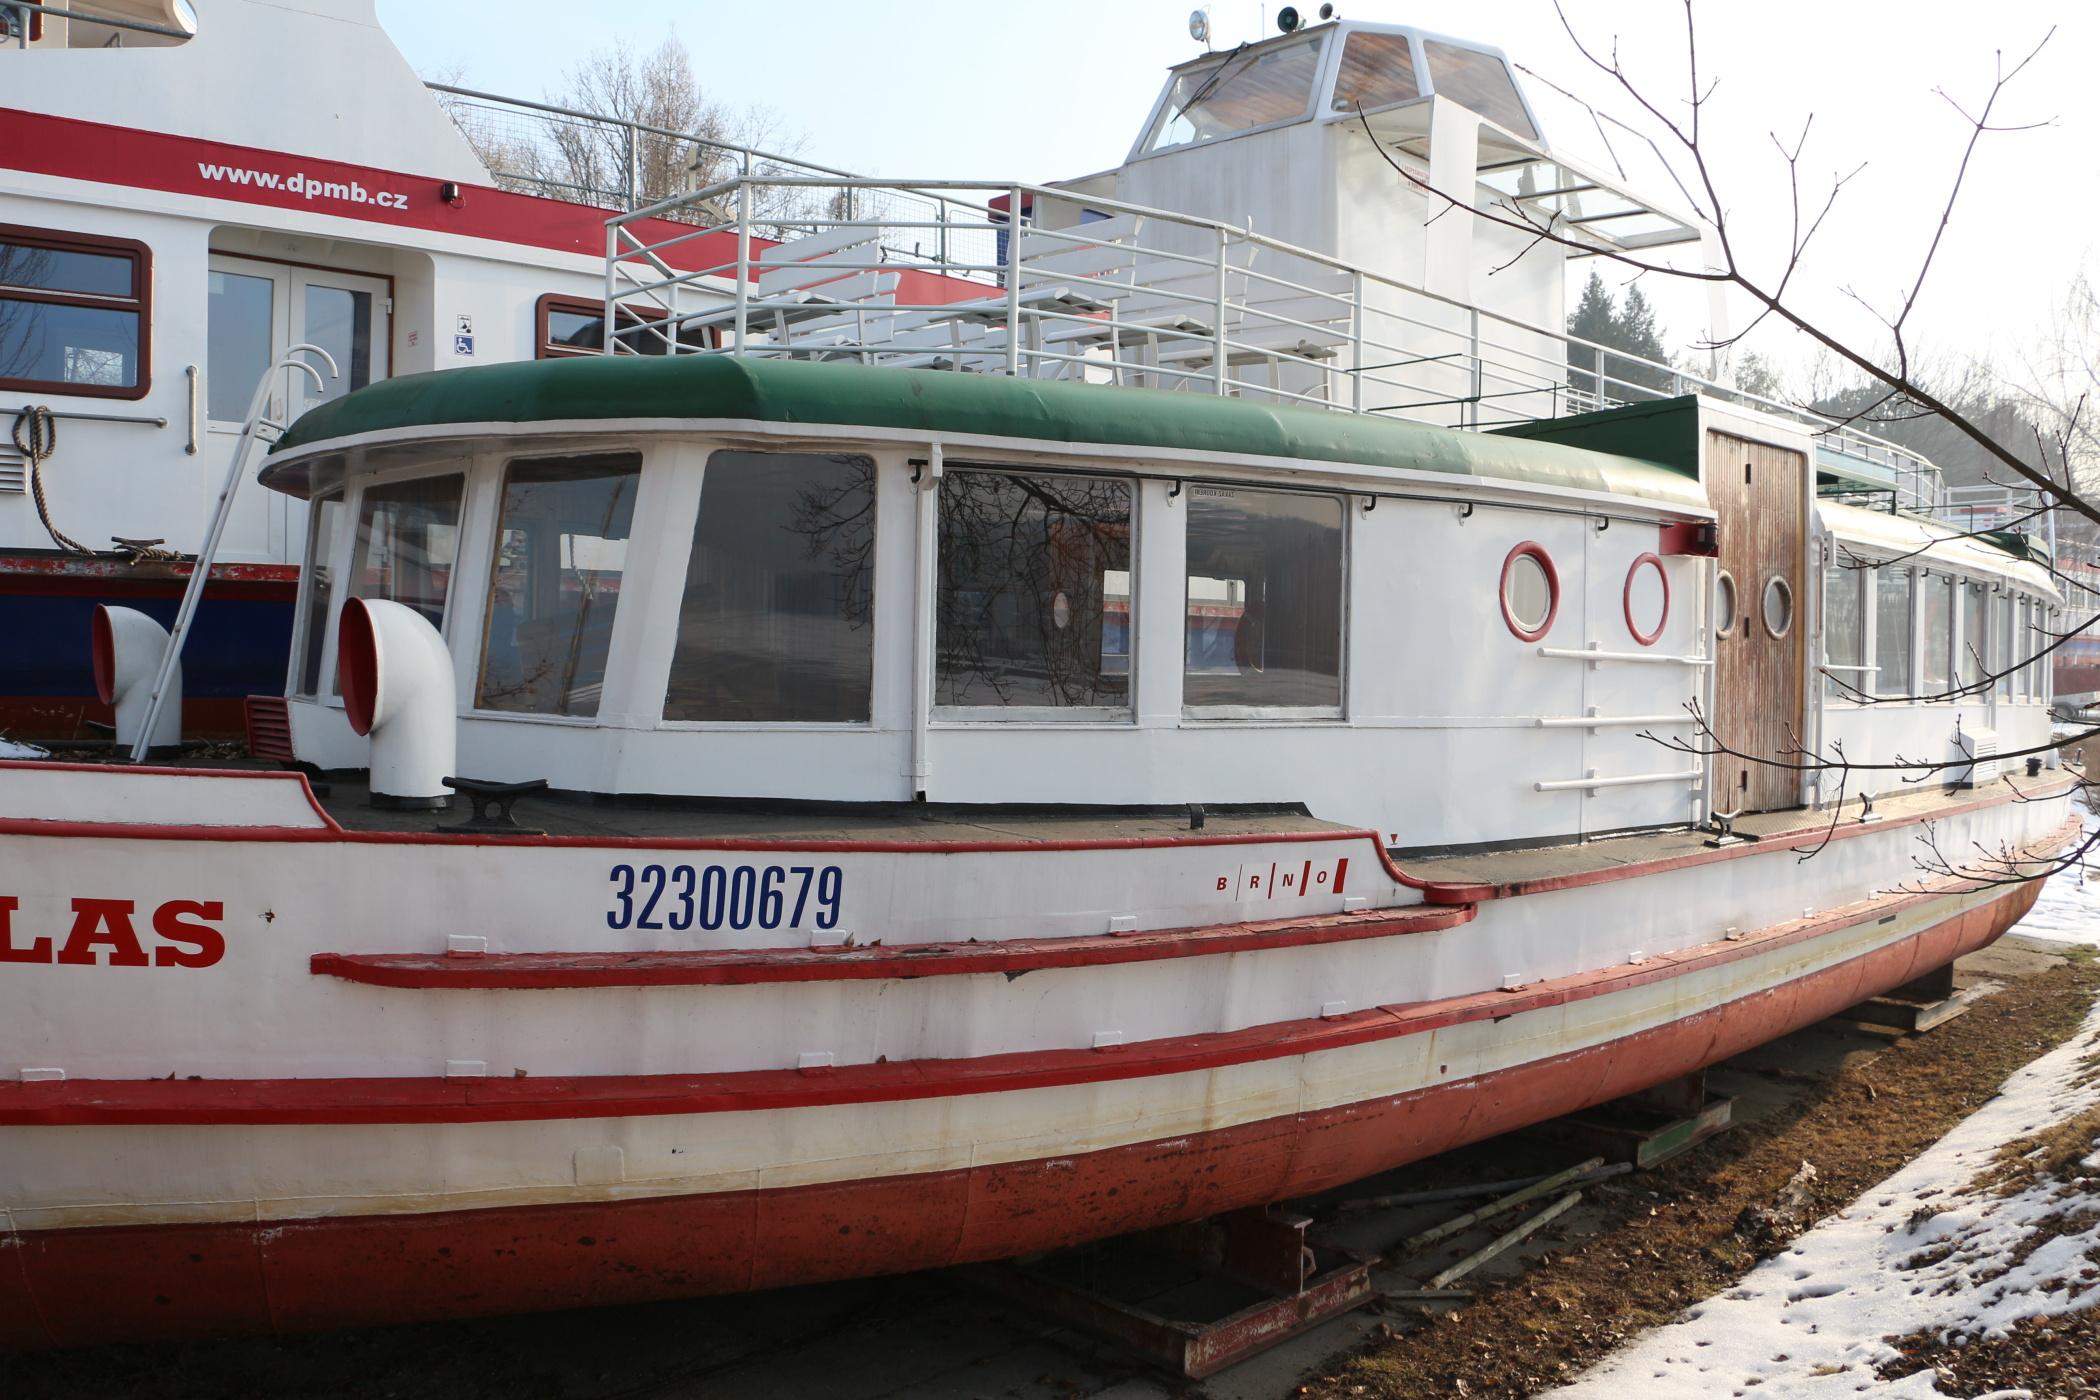 Dvoupalubová loď Dallas už víc než pět let chátrá na břehu Brněnské přehrady